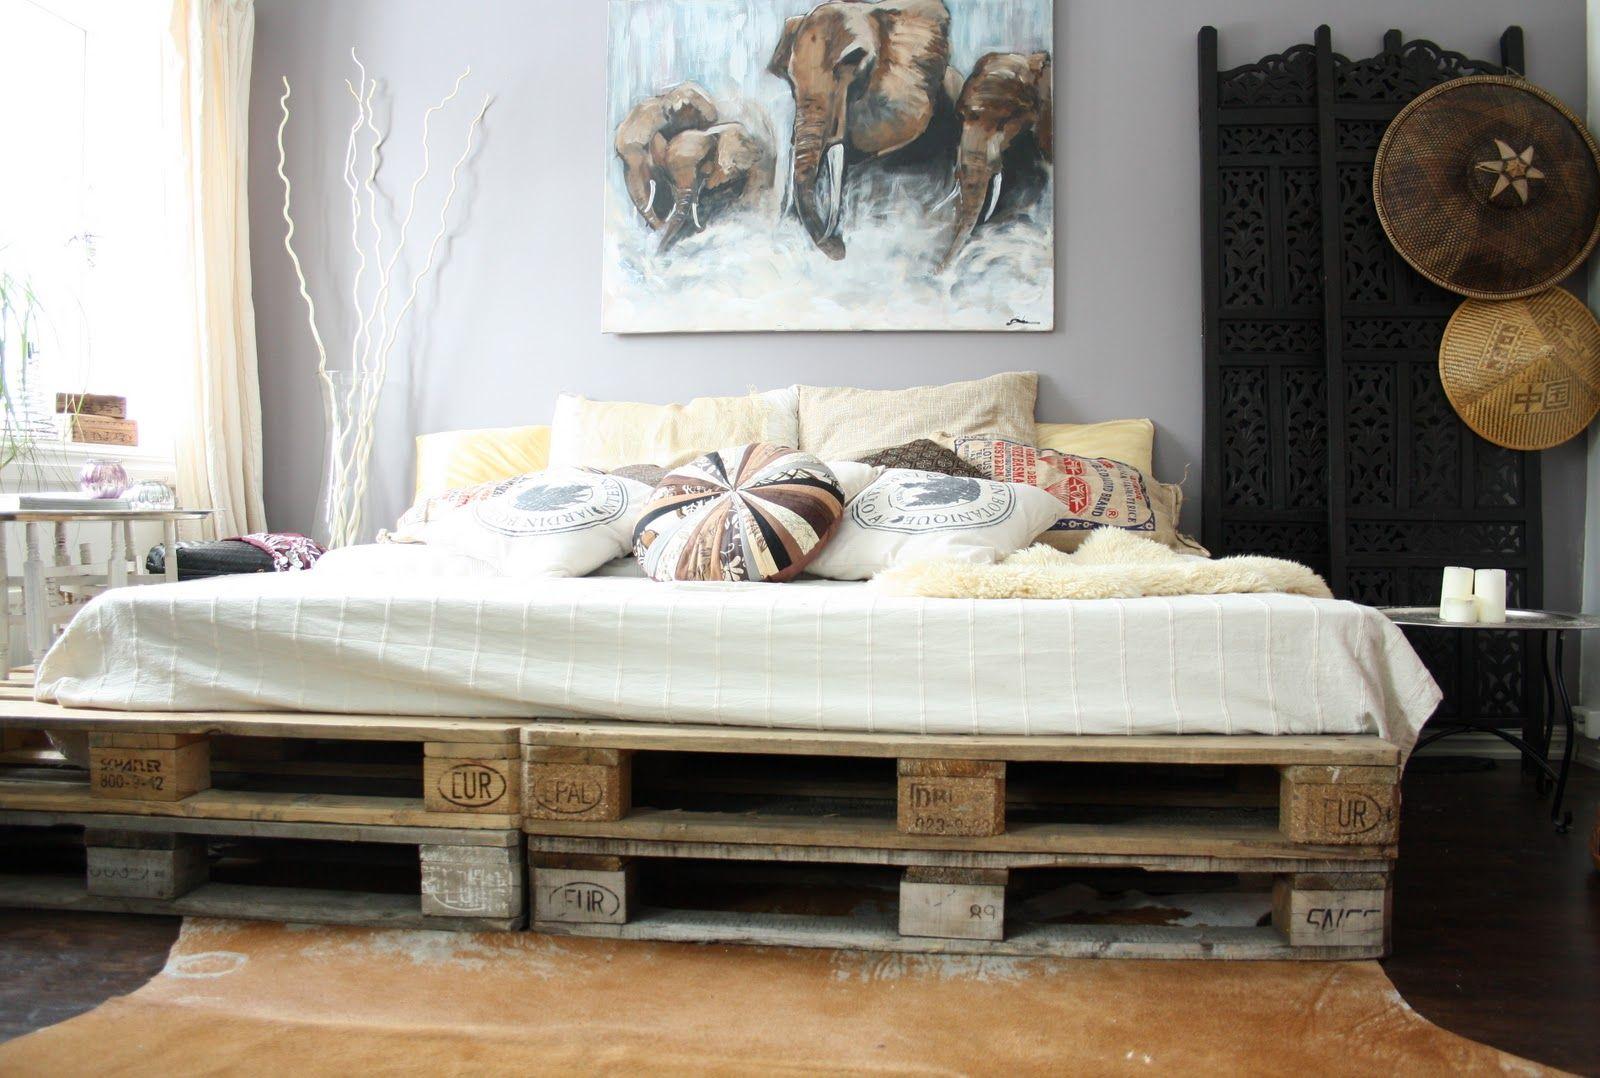 Bett aus Paletten – eine praktische DIY Idee für umweltbewusste ...